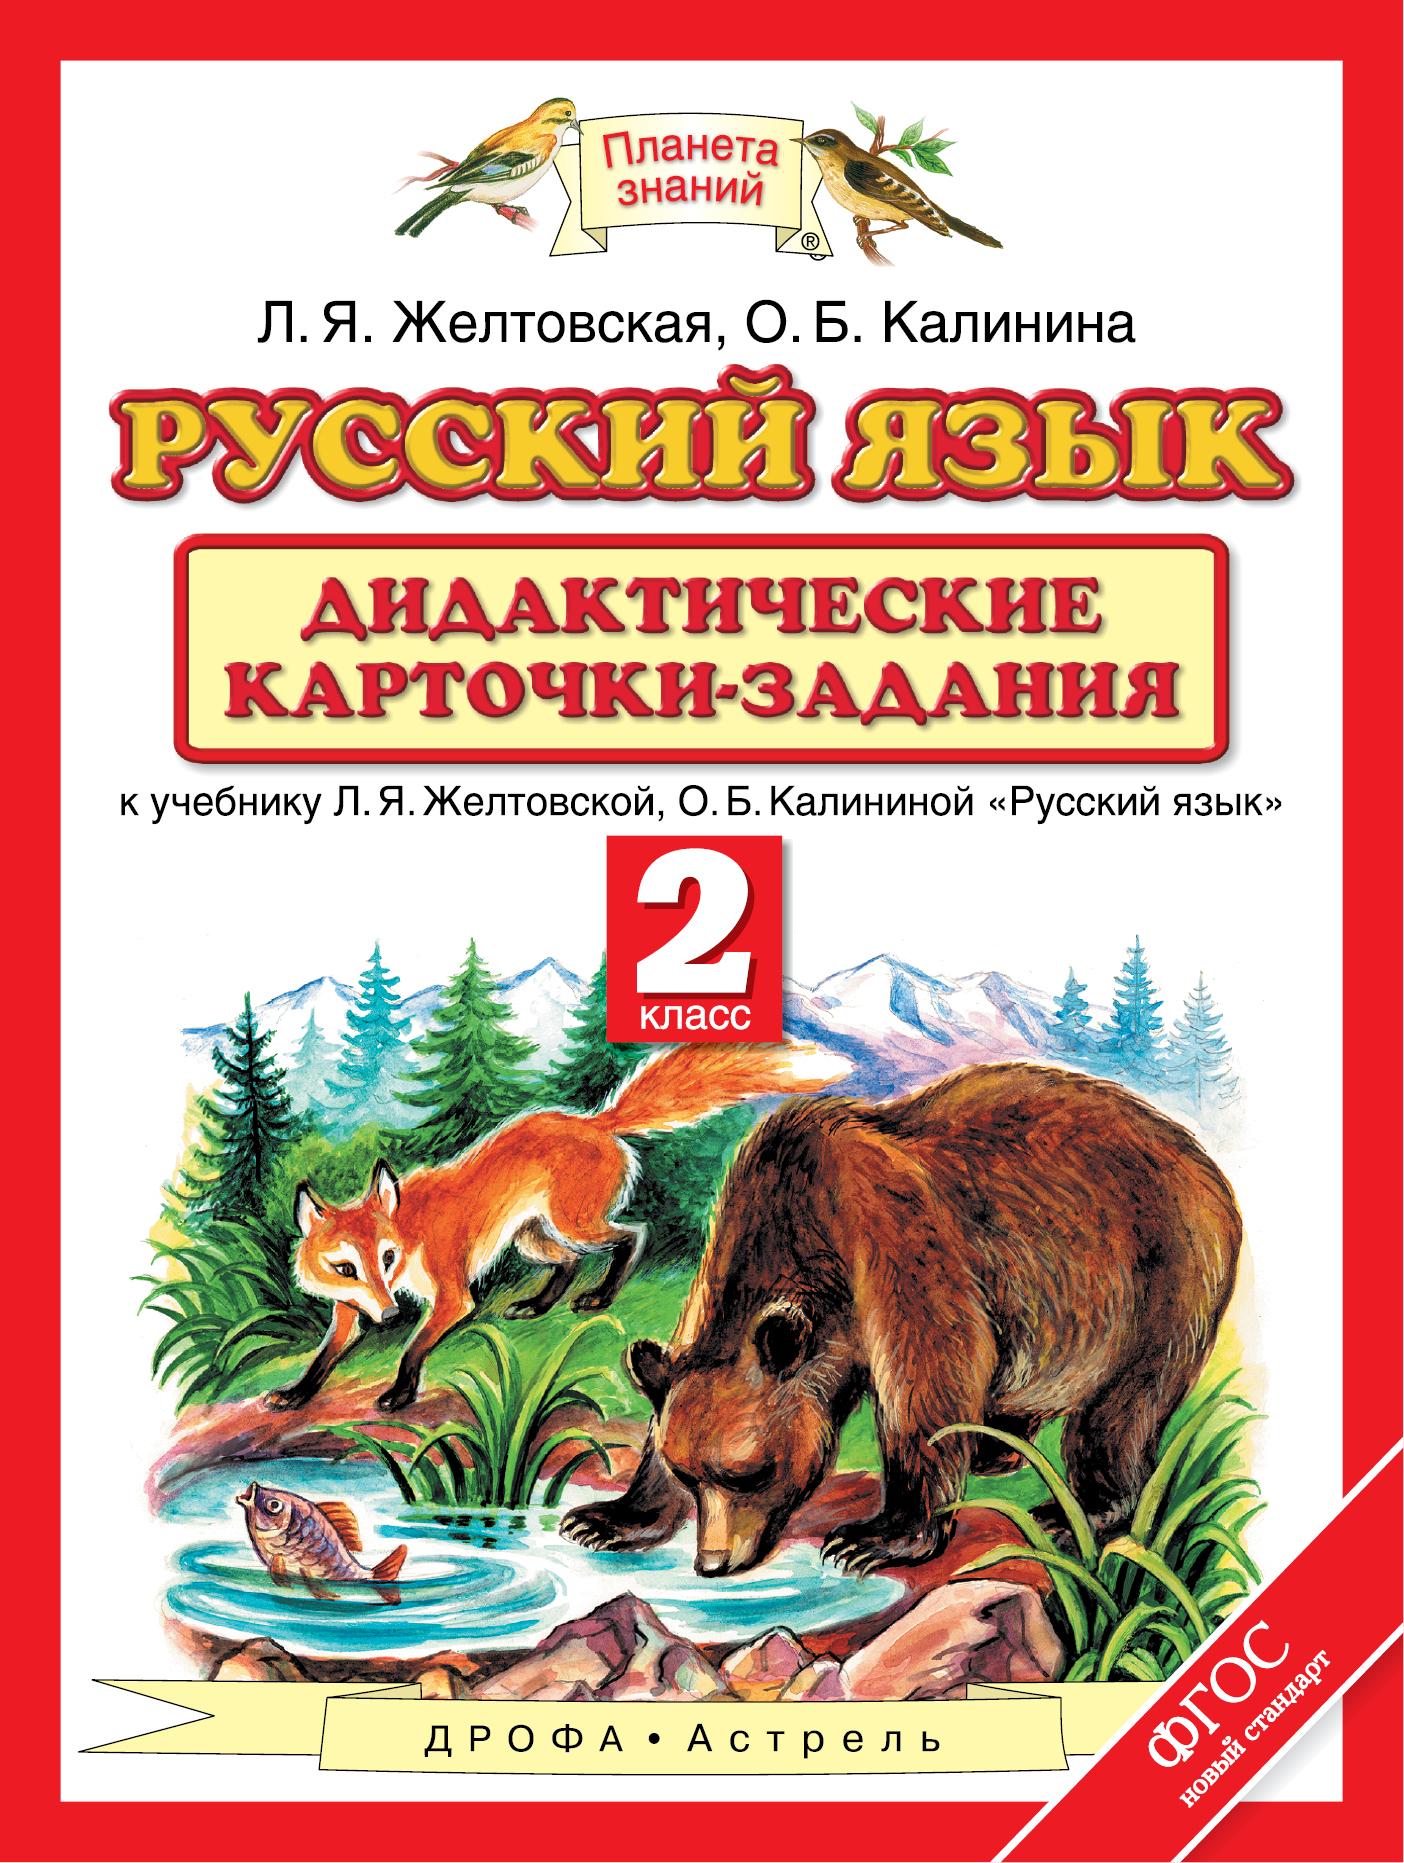 Русский язык. 2 класс. Дидактические карточки-задания